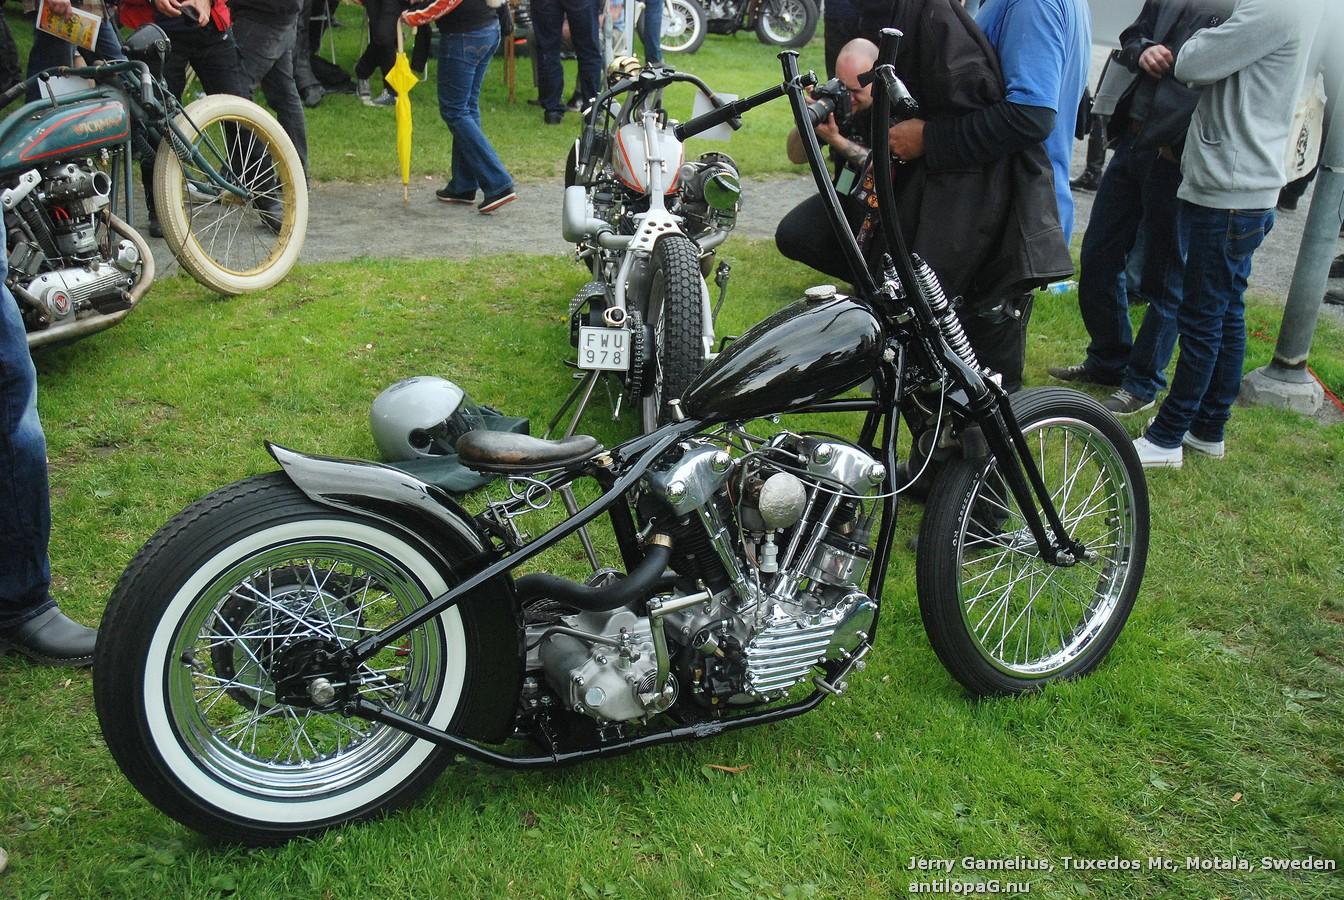 Первое место в категории мотоциклов Классик Кастом на кастомбайк-шоу в Норртелье 2013